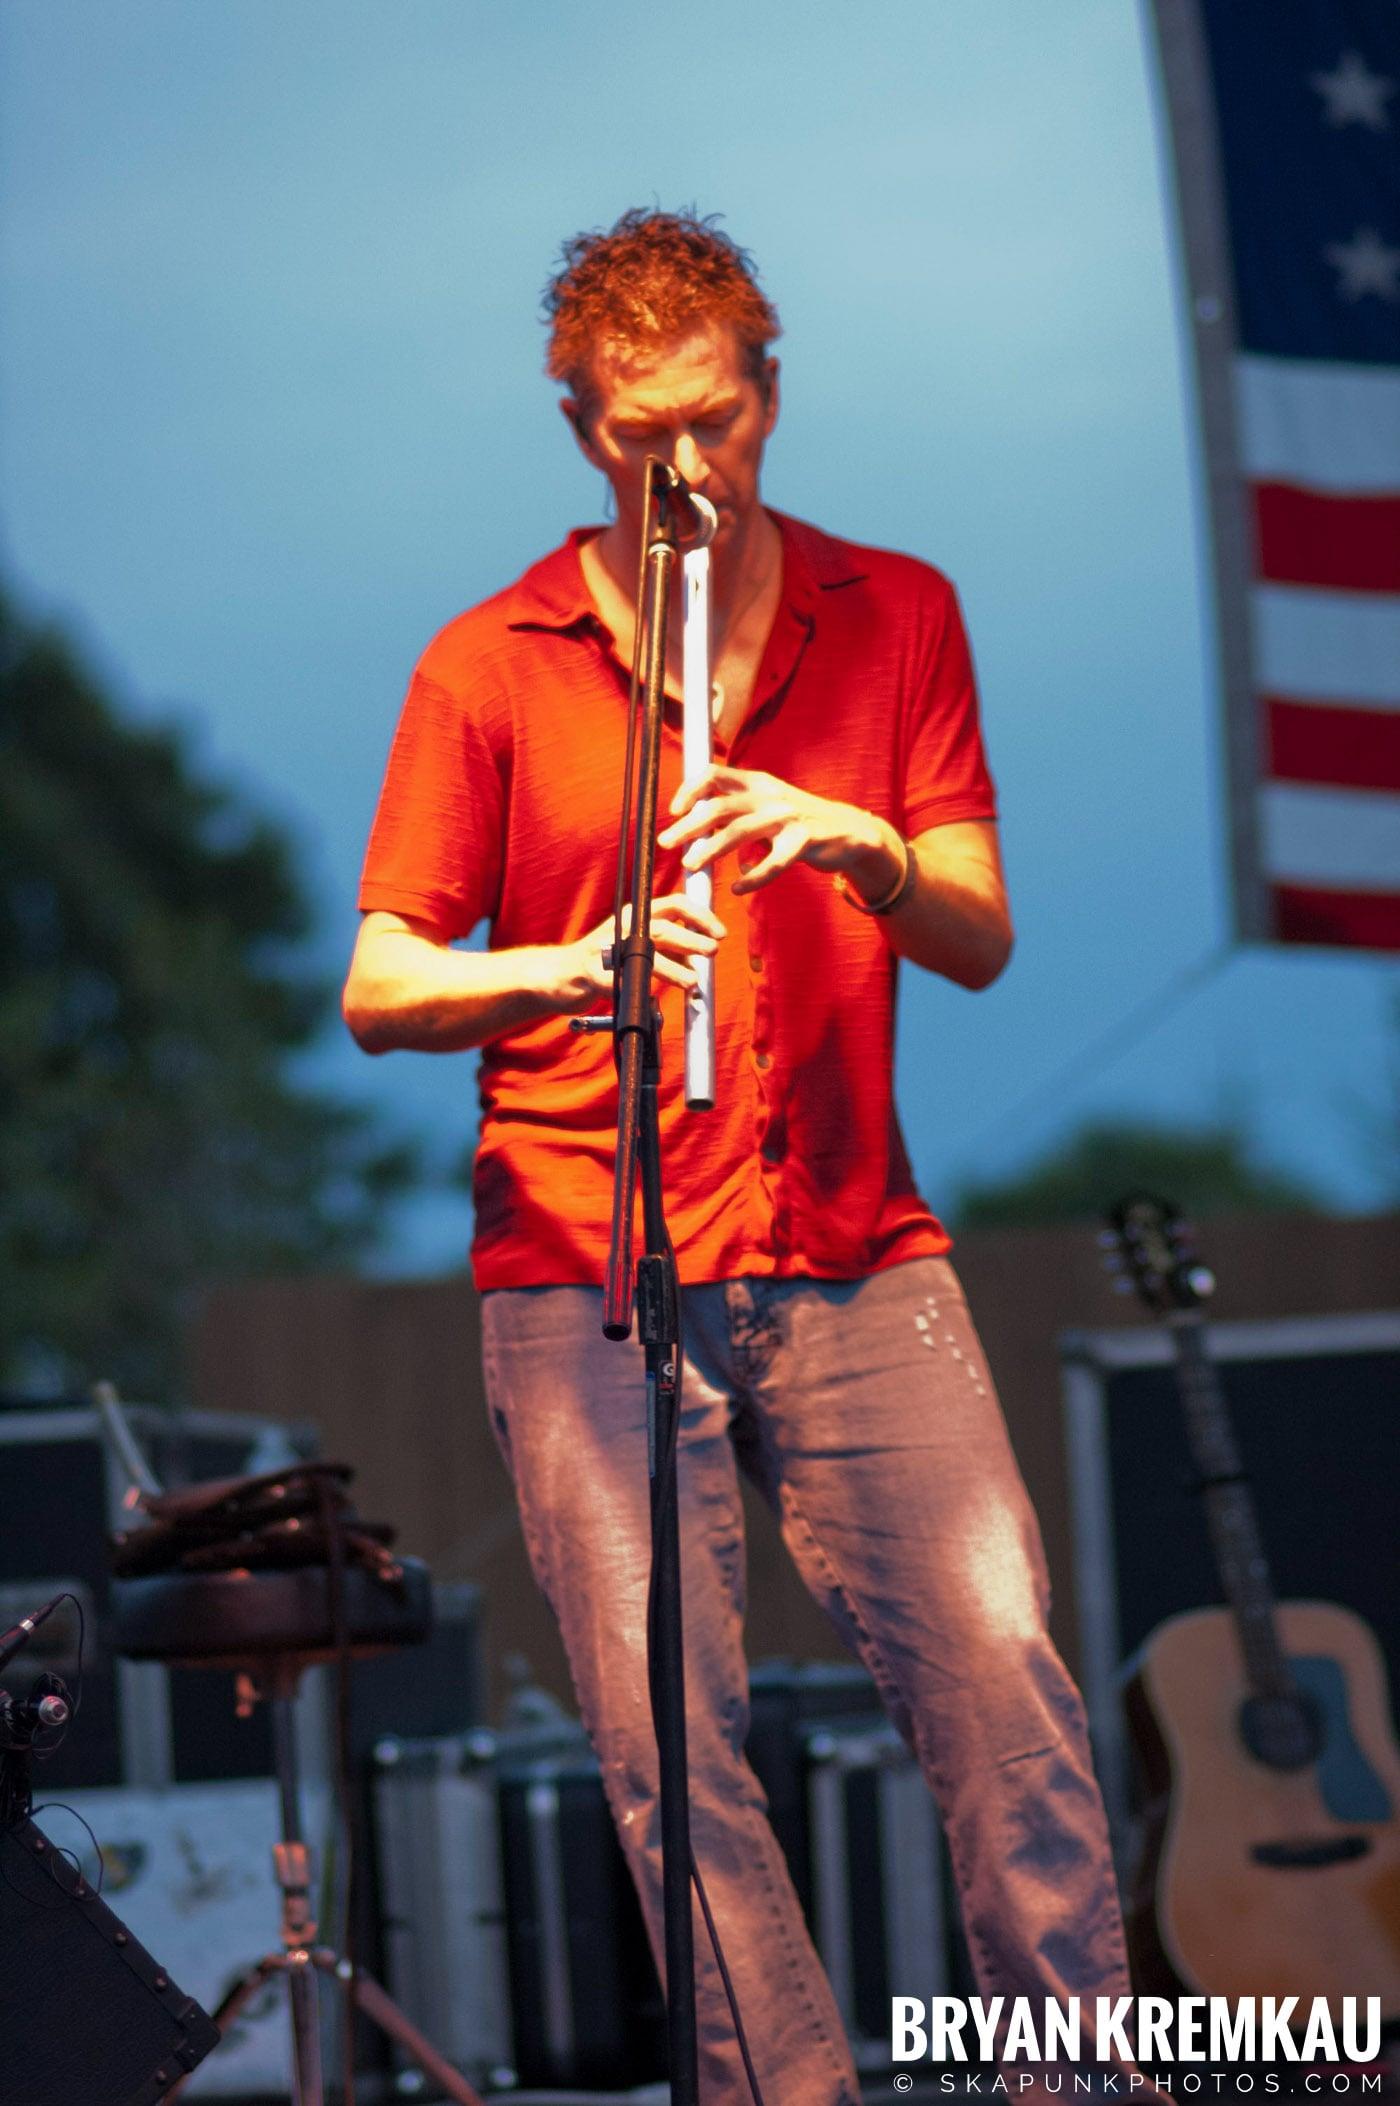 The Young Dubliners @ Burlington County Amphitheater, Burlington, NJ - 8.19.07 (13)